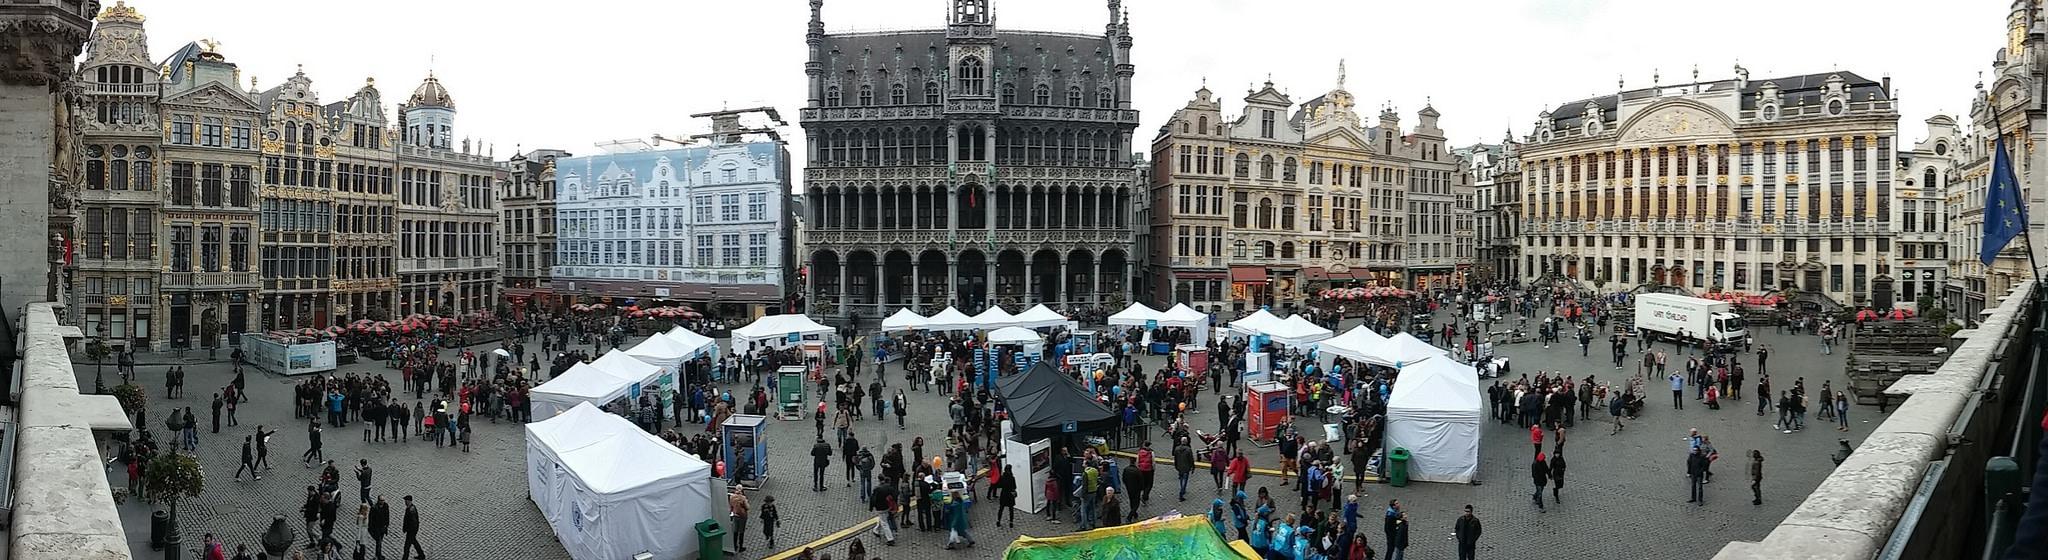 La Grand Place, Brussels UN DAY 2015